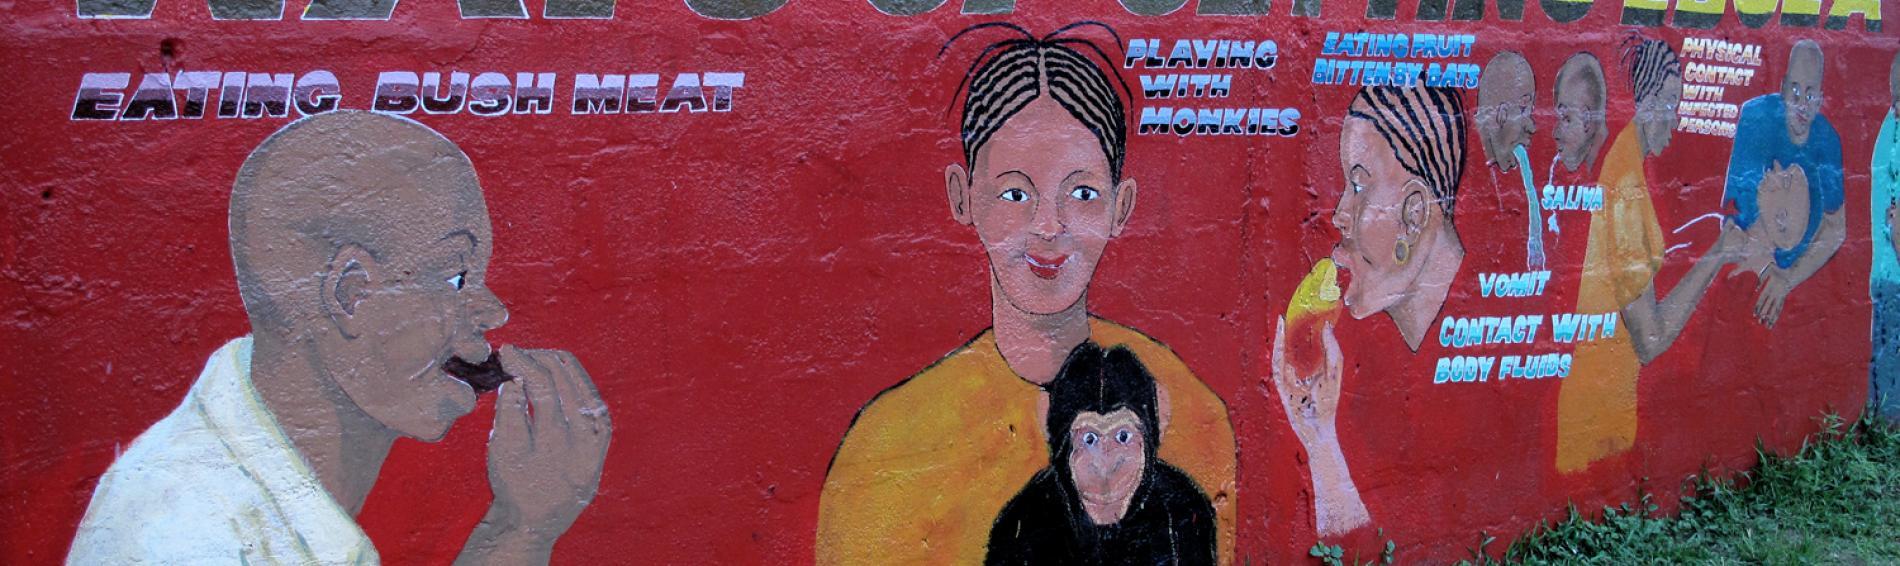 Detaillierte Wandmalerei über die Ansteckungswege mit Ebola. Foto: DR